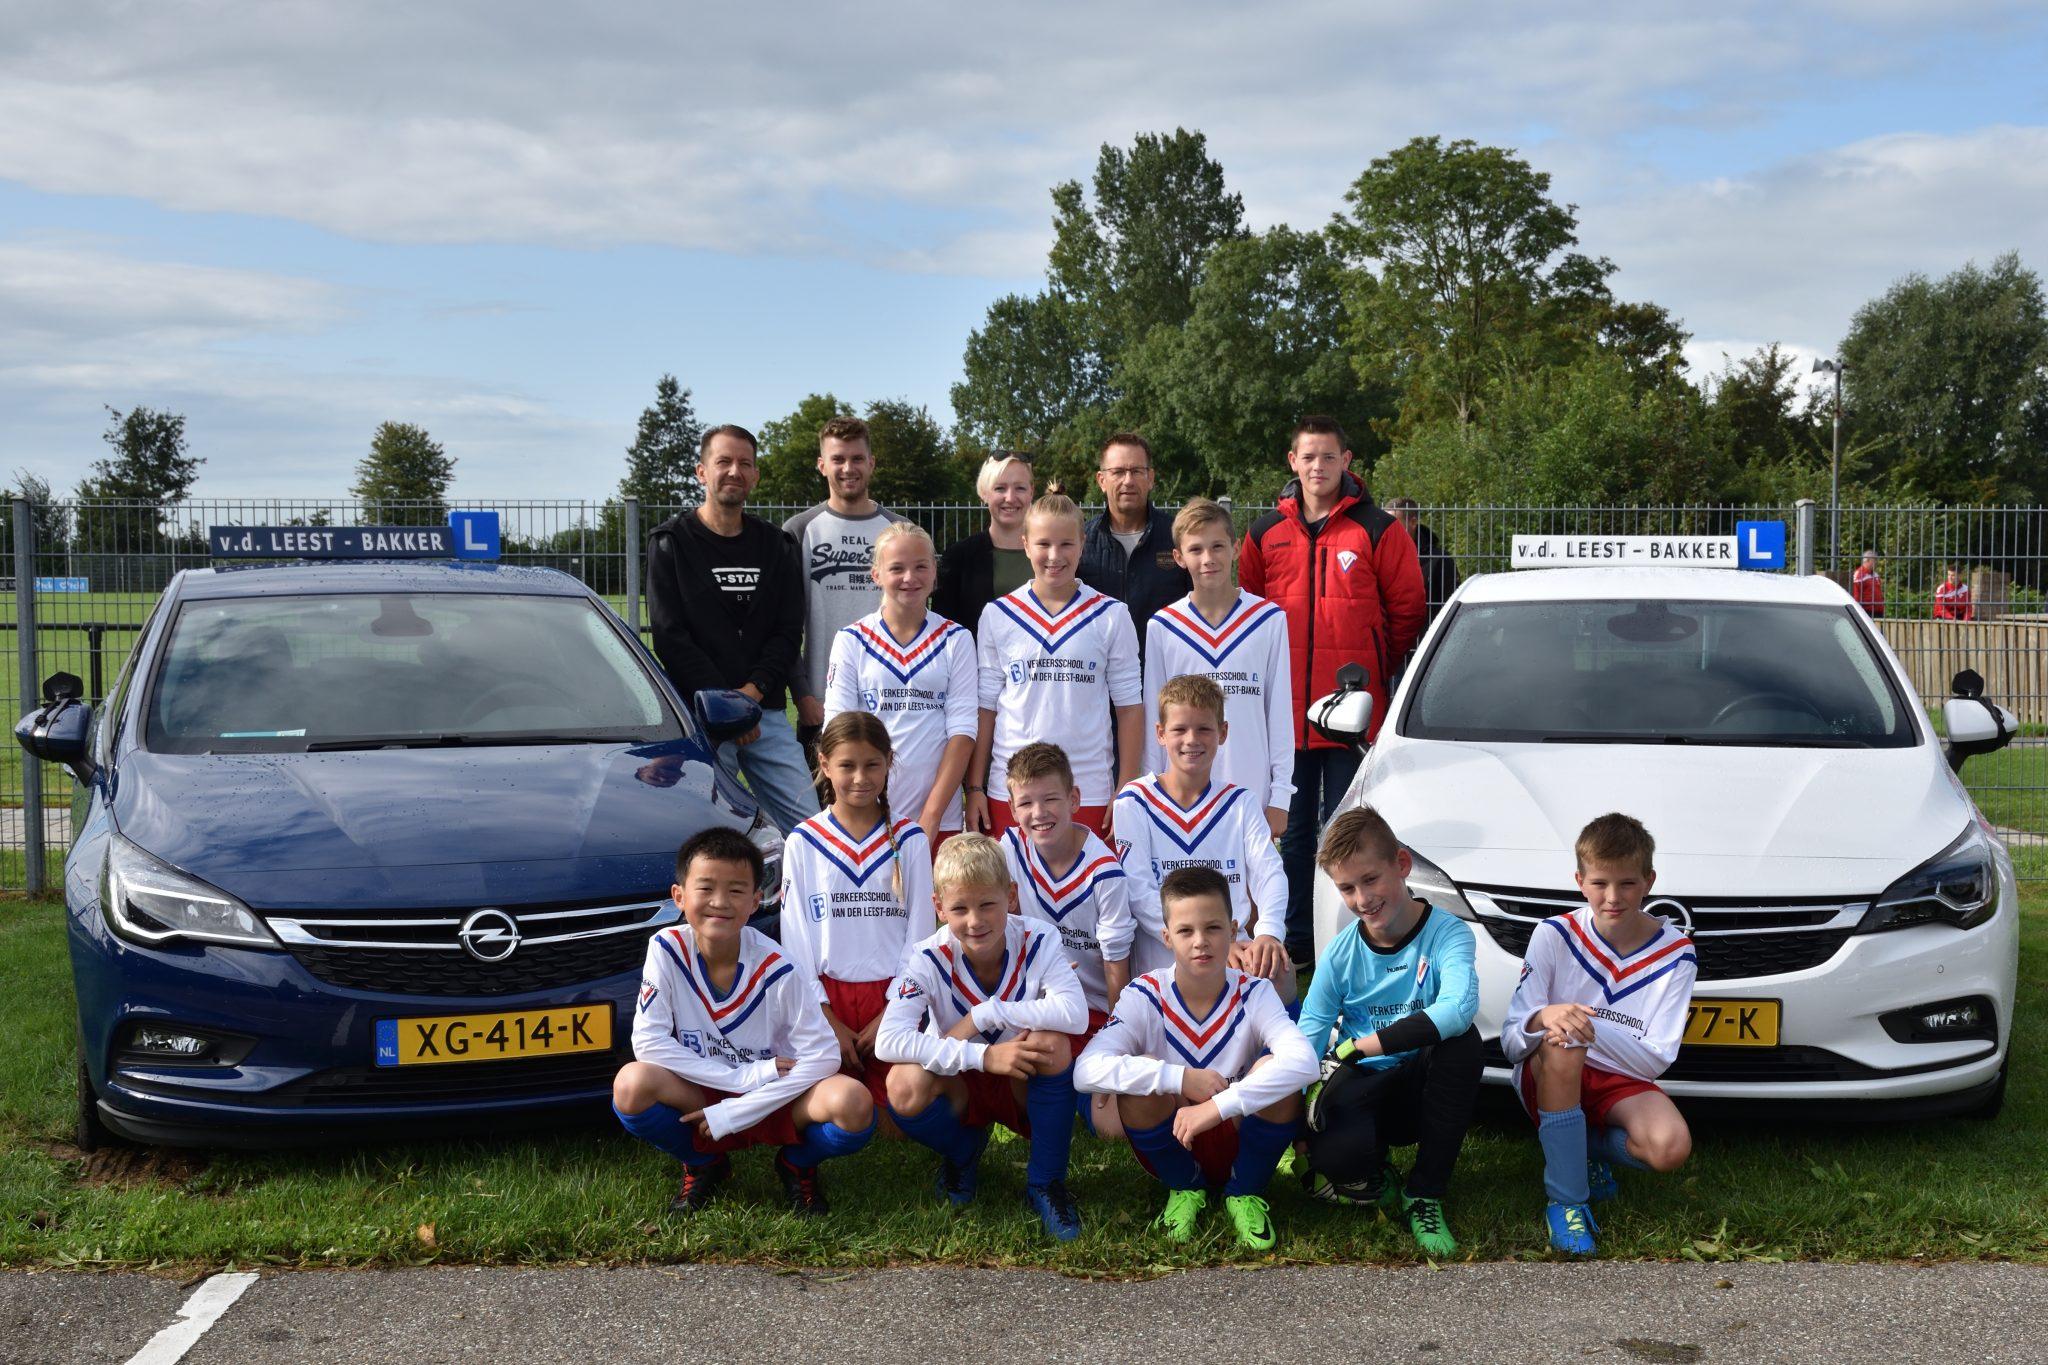 Verkeersschool van der Leest en Bakker sponsort JO12 nieuwe shirts